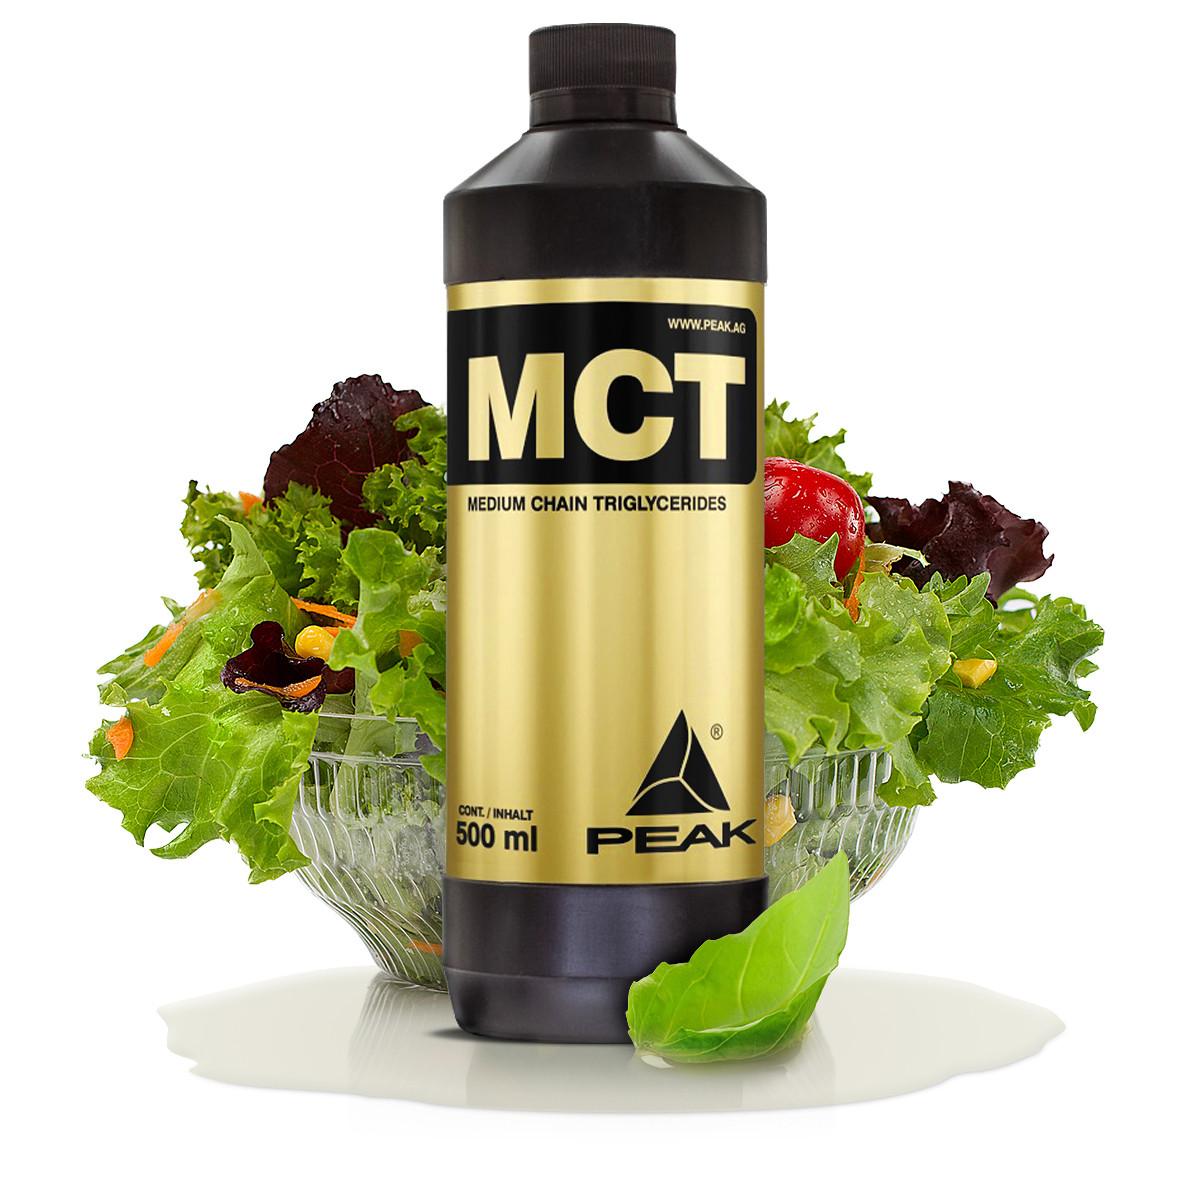 MCT olajjal friss kókuszdiókból nyerve